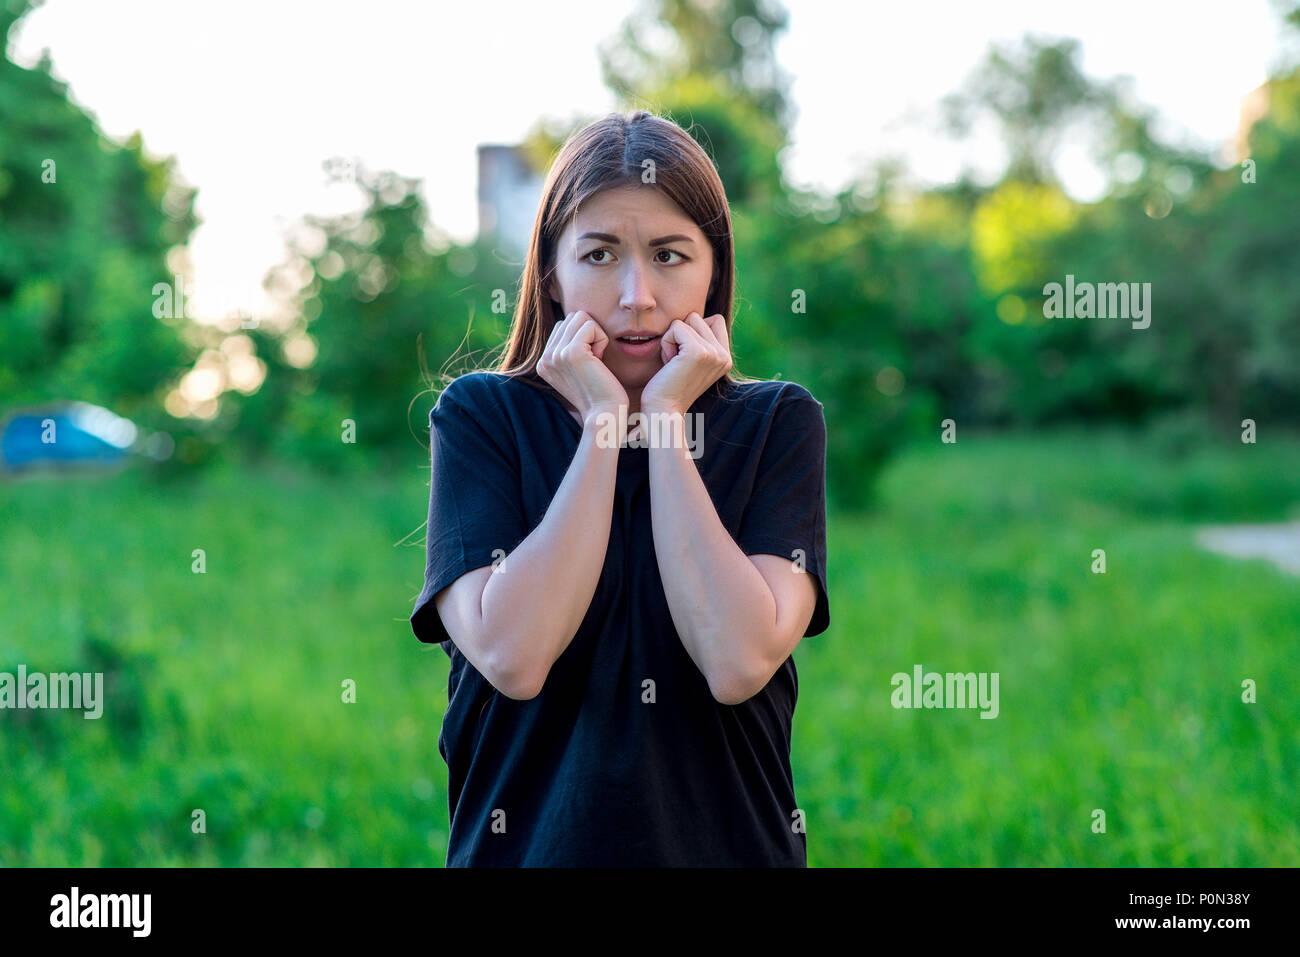 Schöne brünette Mädchen im Sommer in einem Park auf der Natur. Emotionaler Ausdruck der Angst. Geste mit den Händen zeigt emotionale Angst. Überrascht stellen erschrocken die Augen. Stockfoto